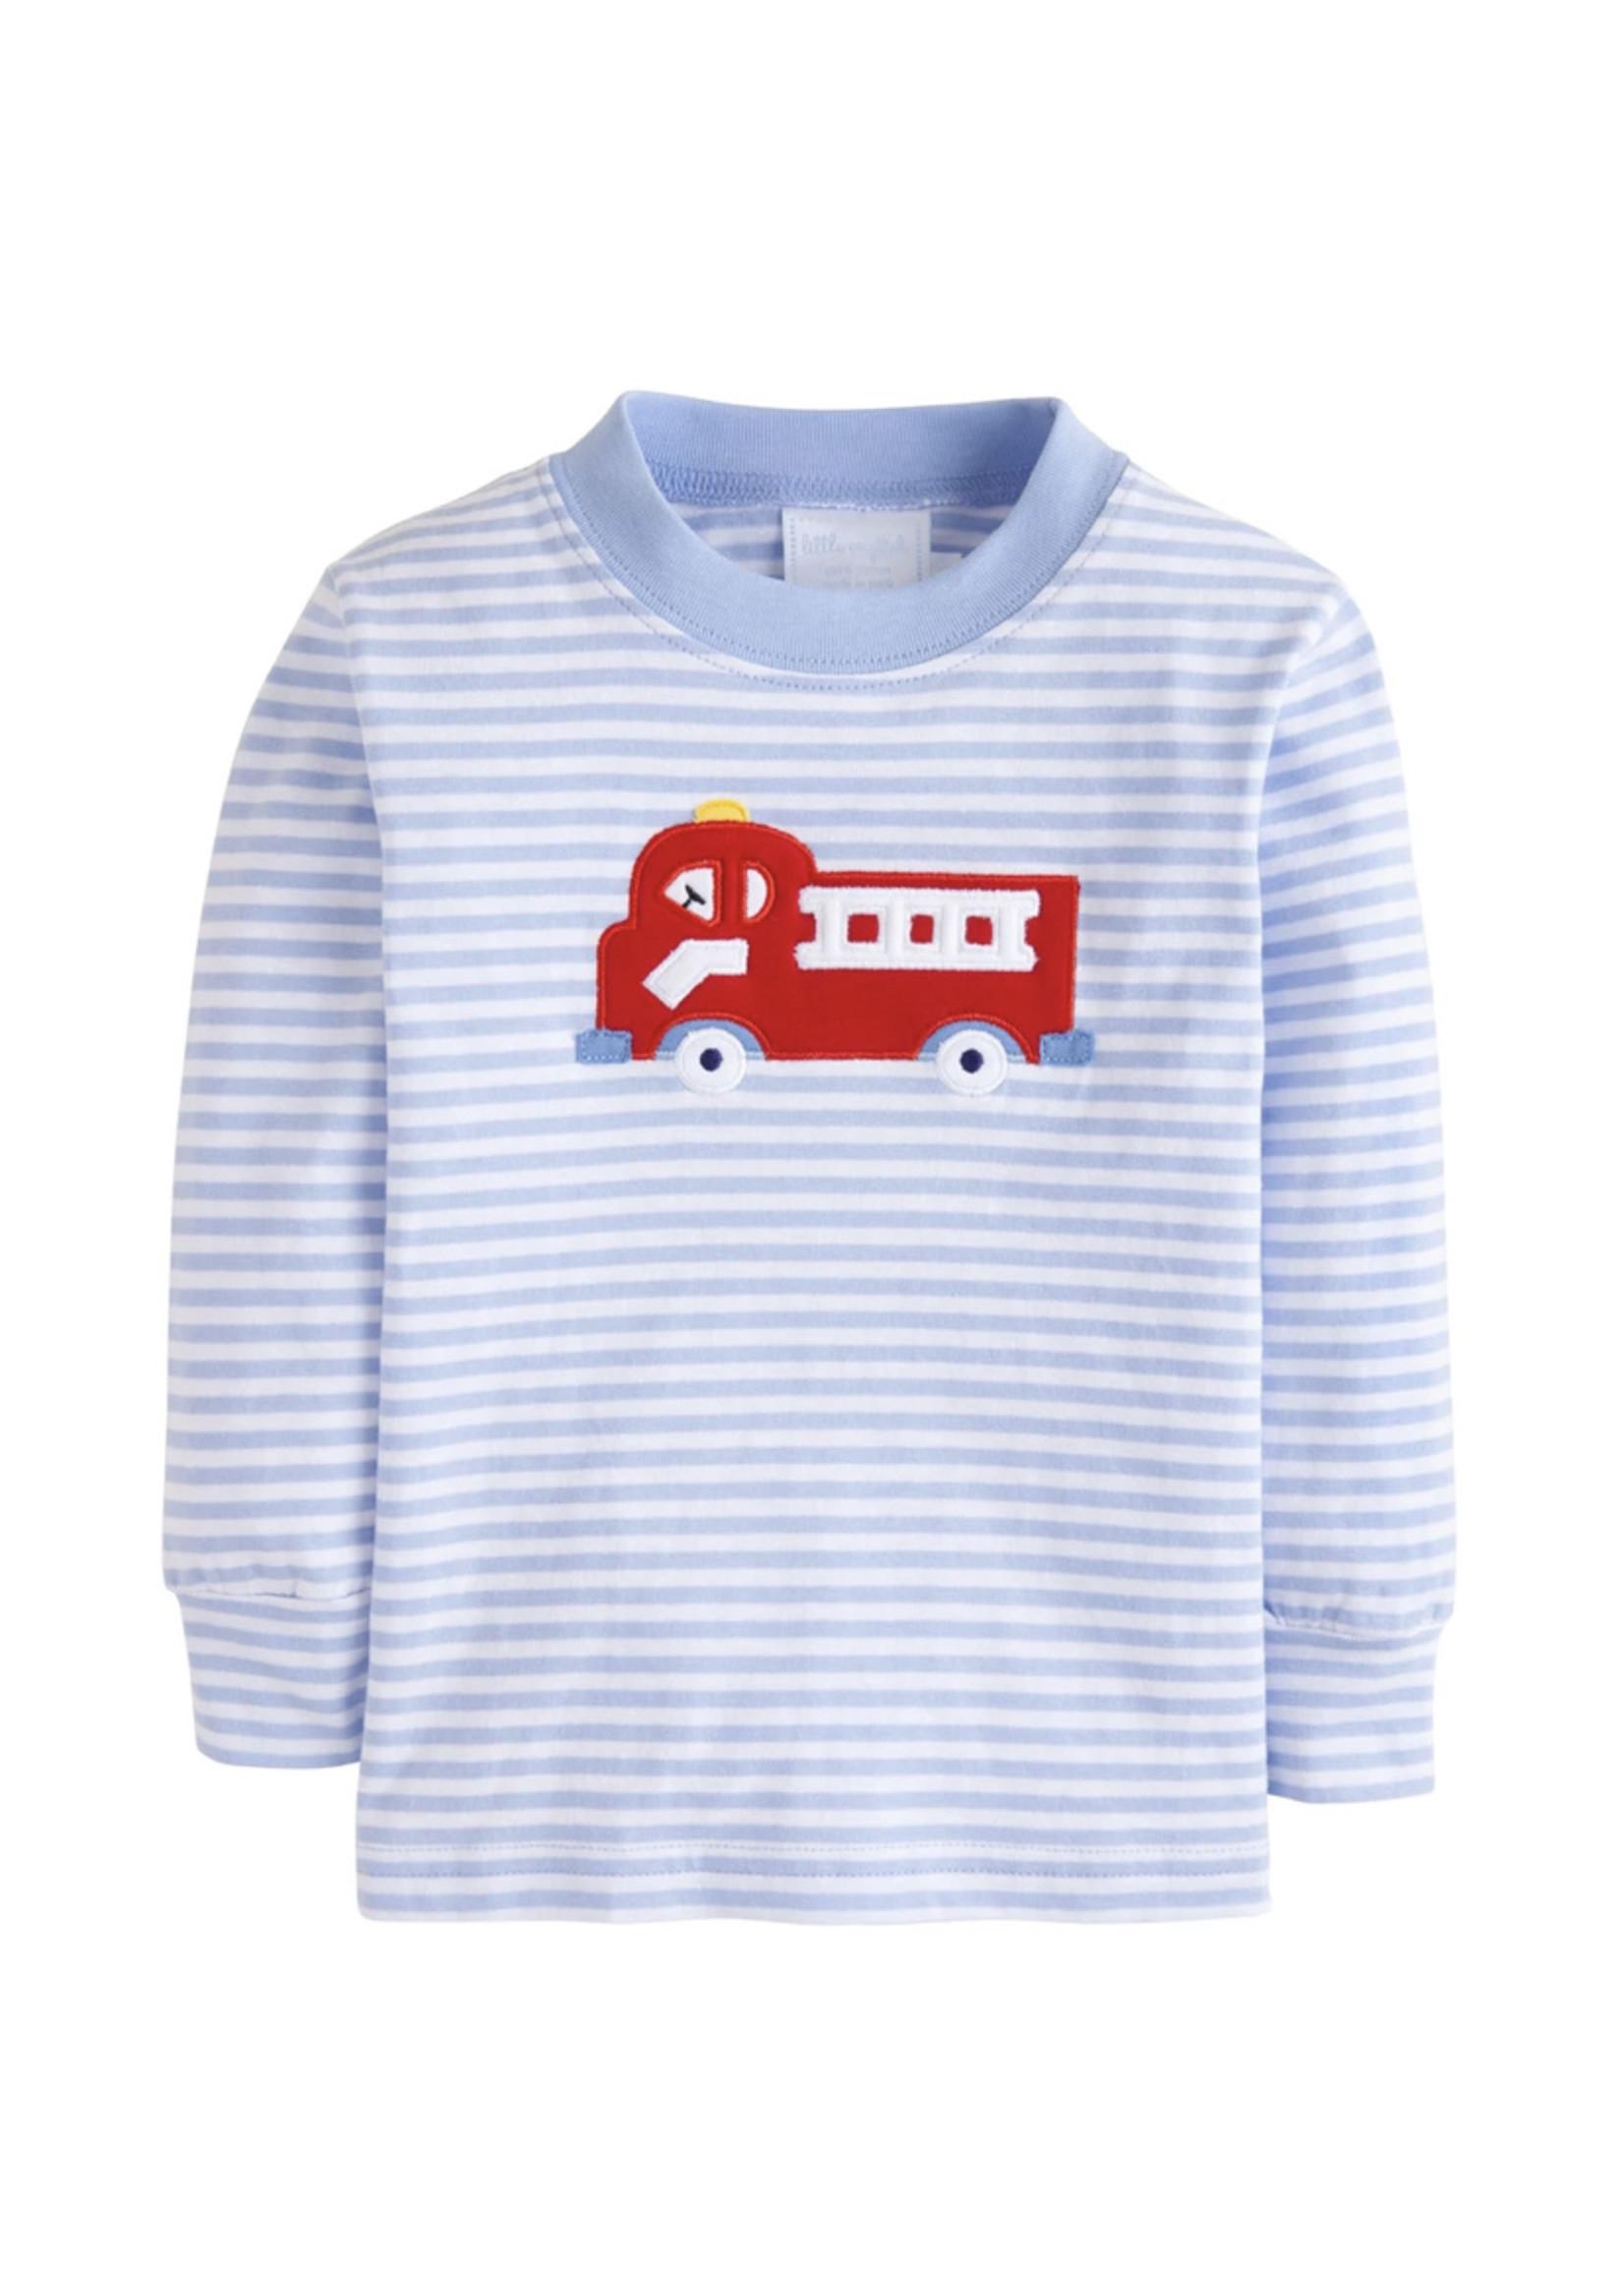 Little English Applique T-shirt